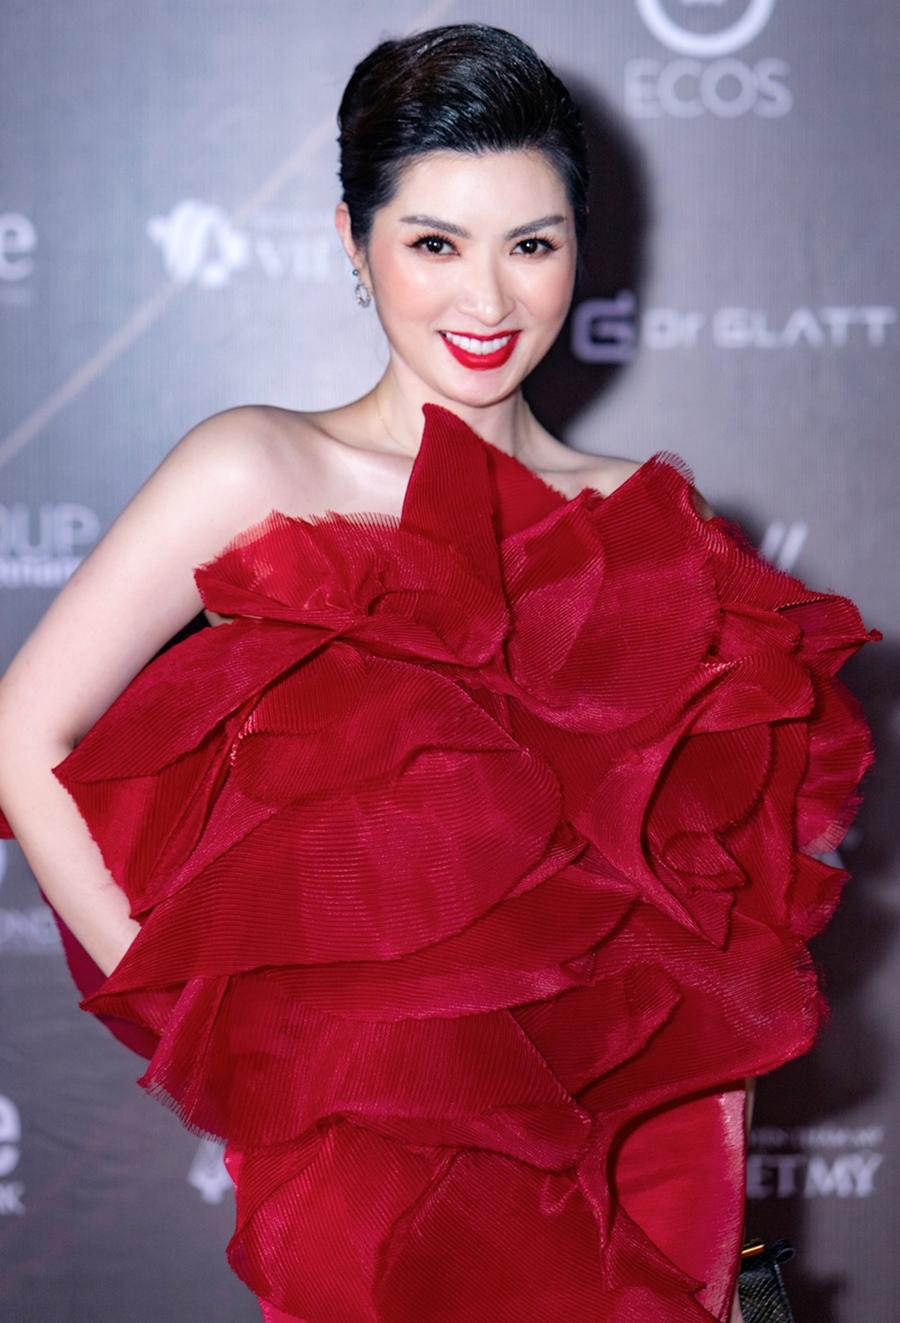 Nguyễn Hồng Nhung tham dự chương trình với vai trò giám khảo và ca sĩ trình diễn.